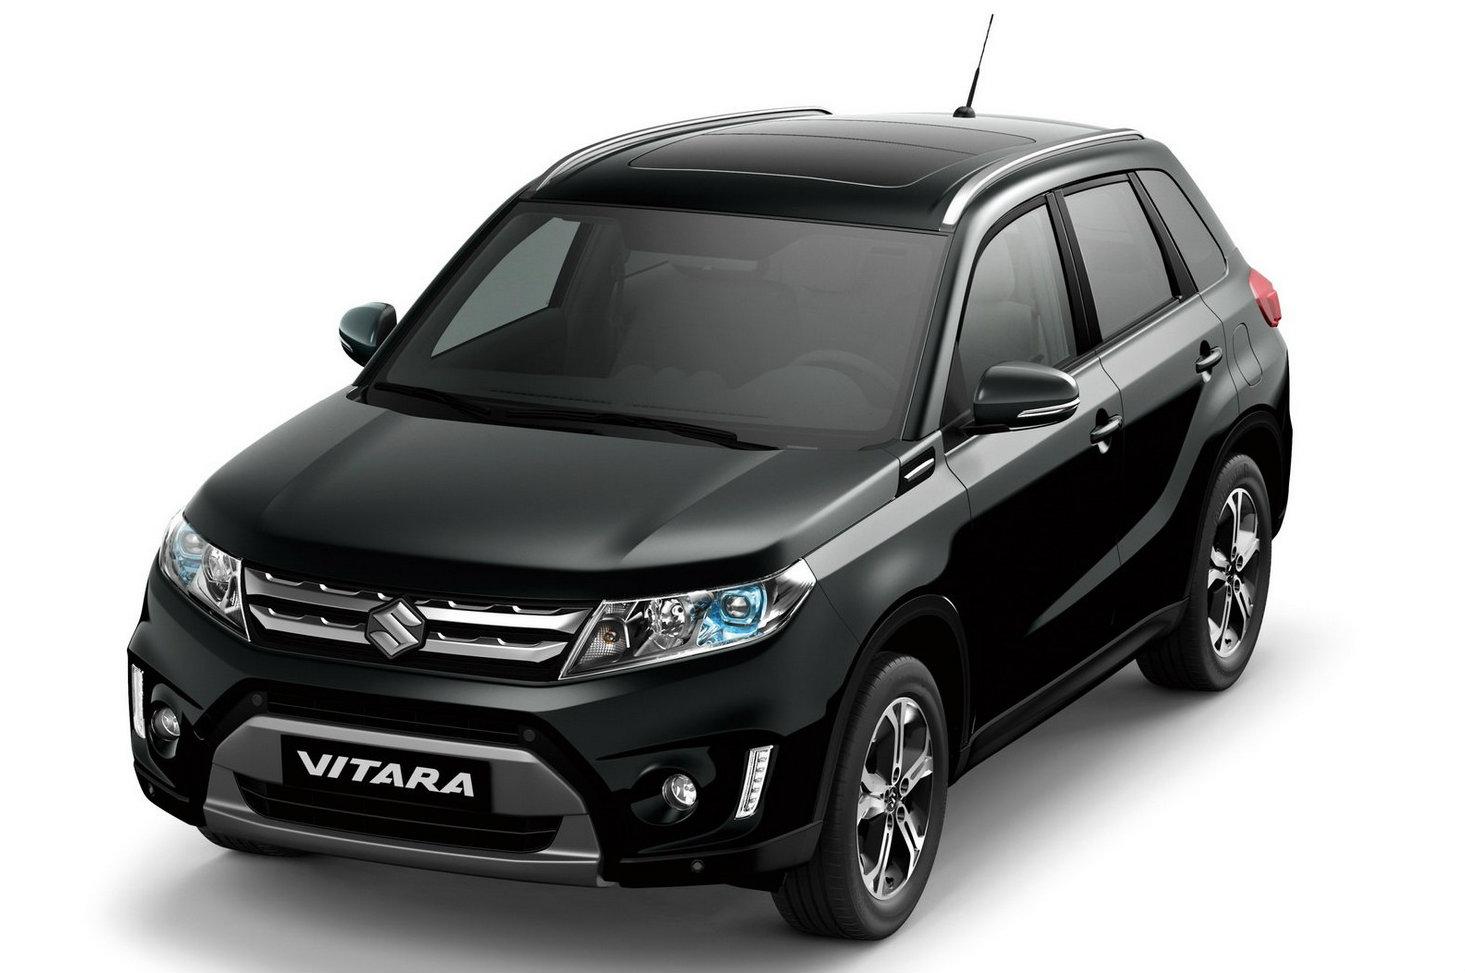 2015 Suzuki Vitara Web Black Edition Arriving In Europe Next Year